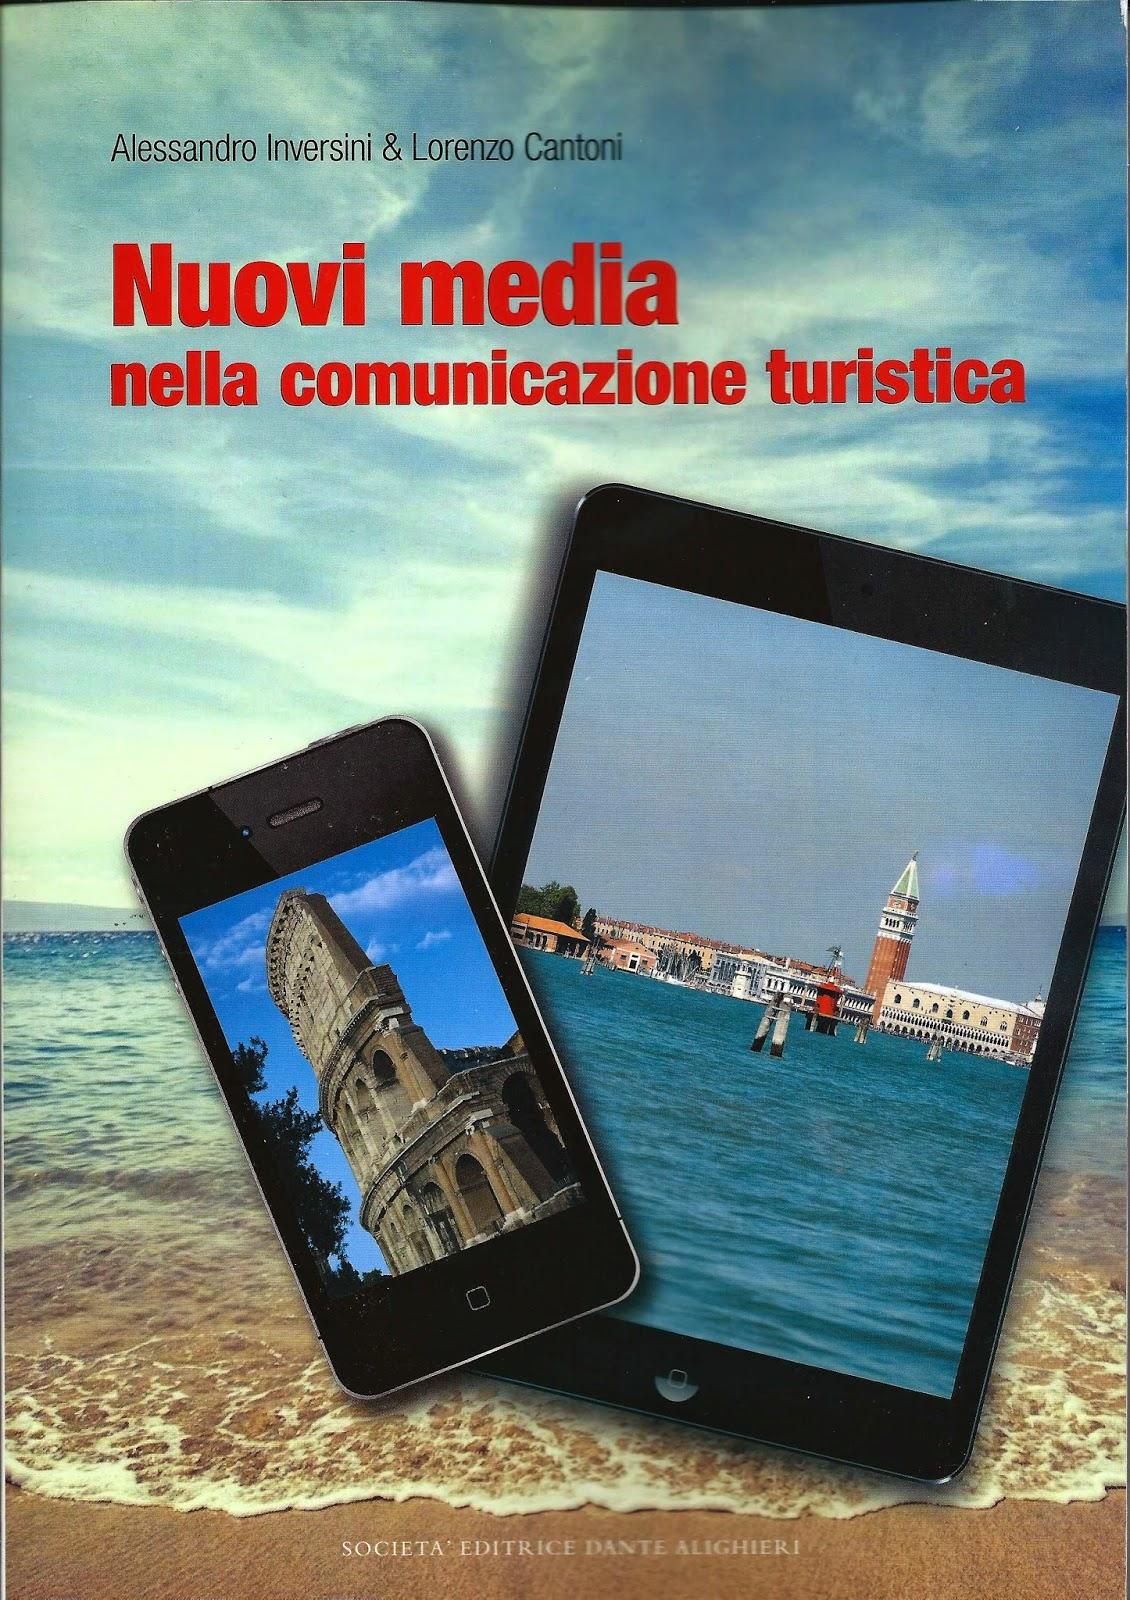 Nuovi media nella comunicazione turistica